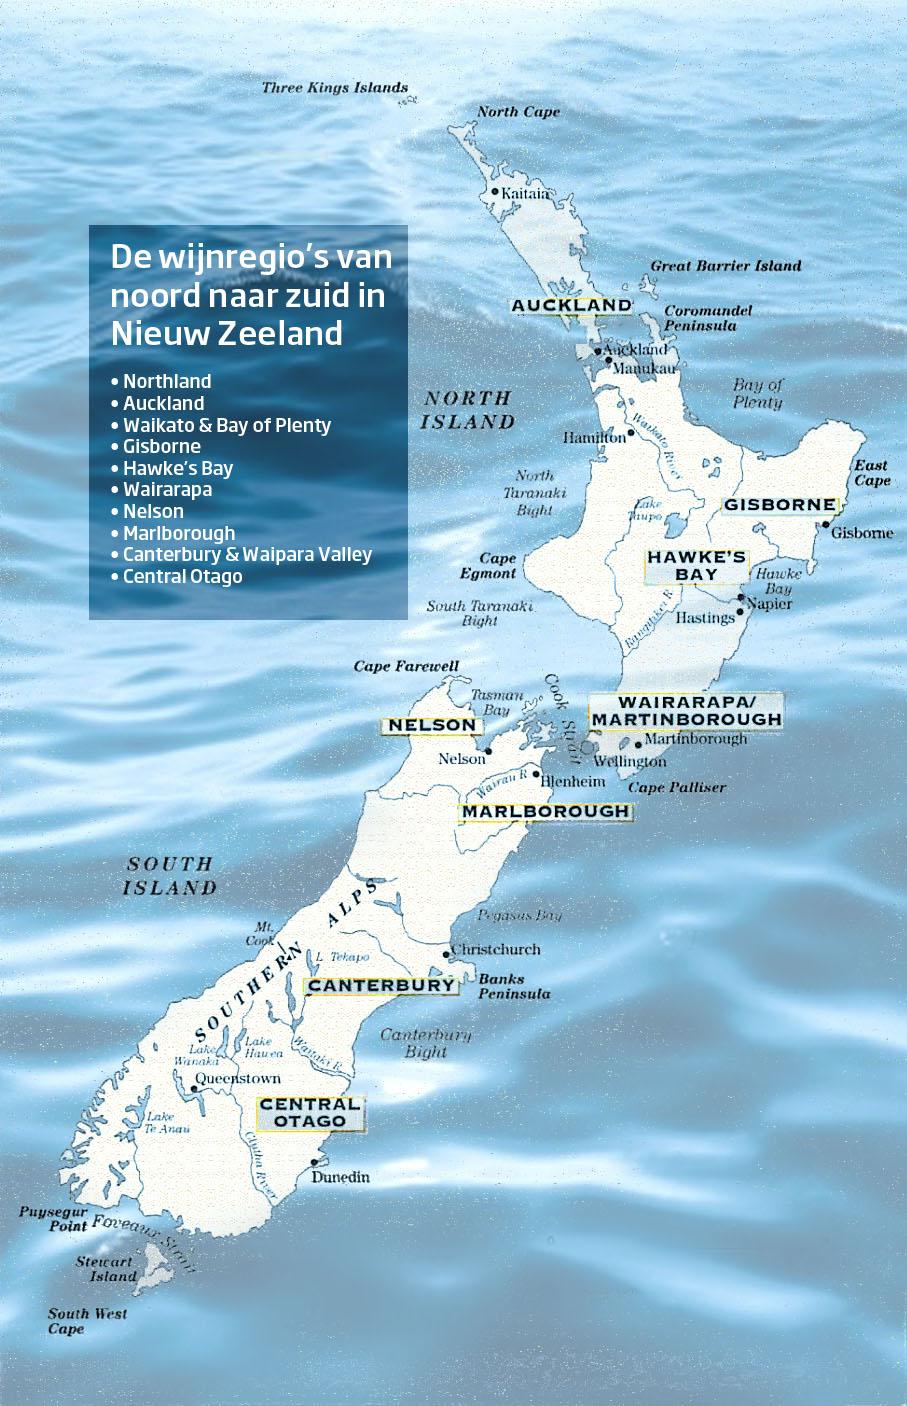 Alles over de wijnen van Nieuw Zeeland